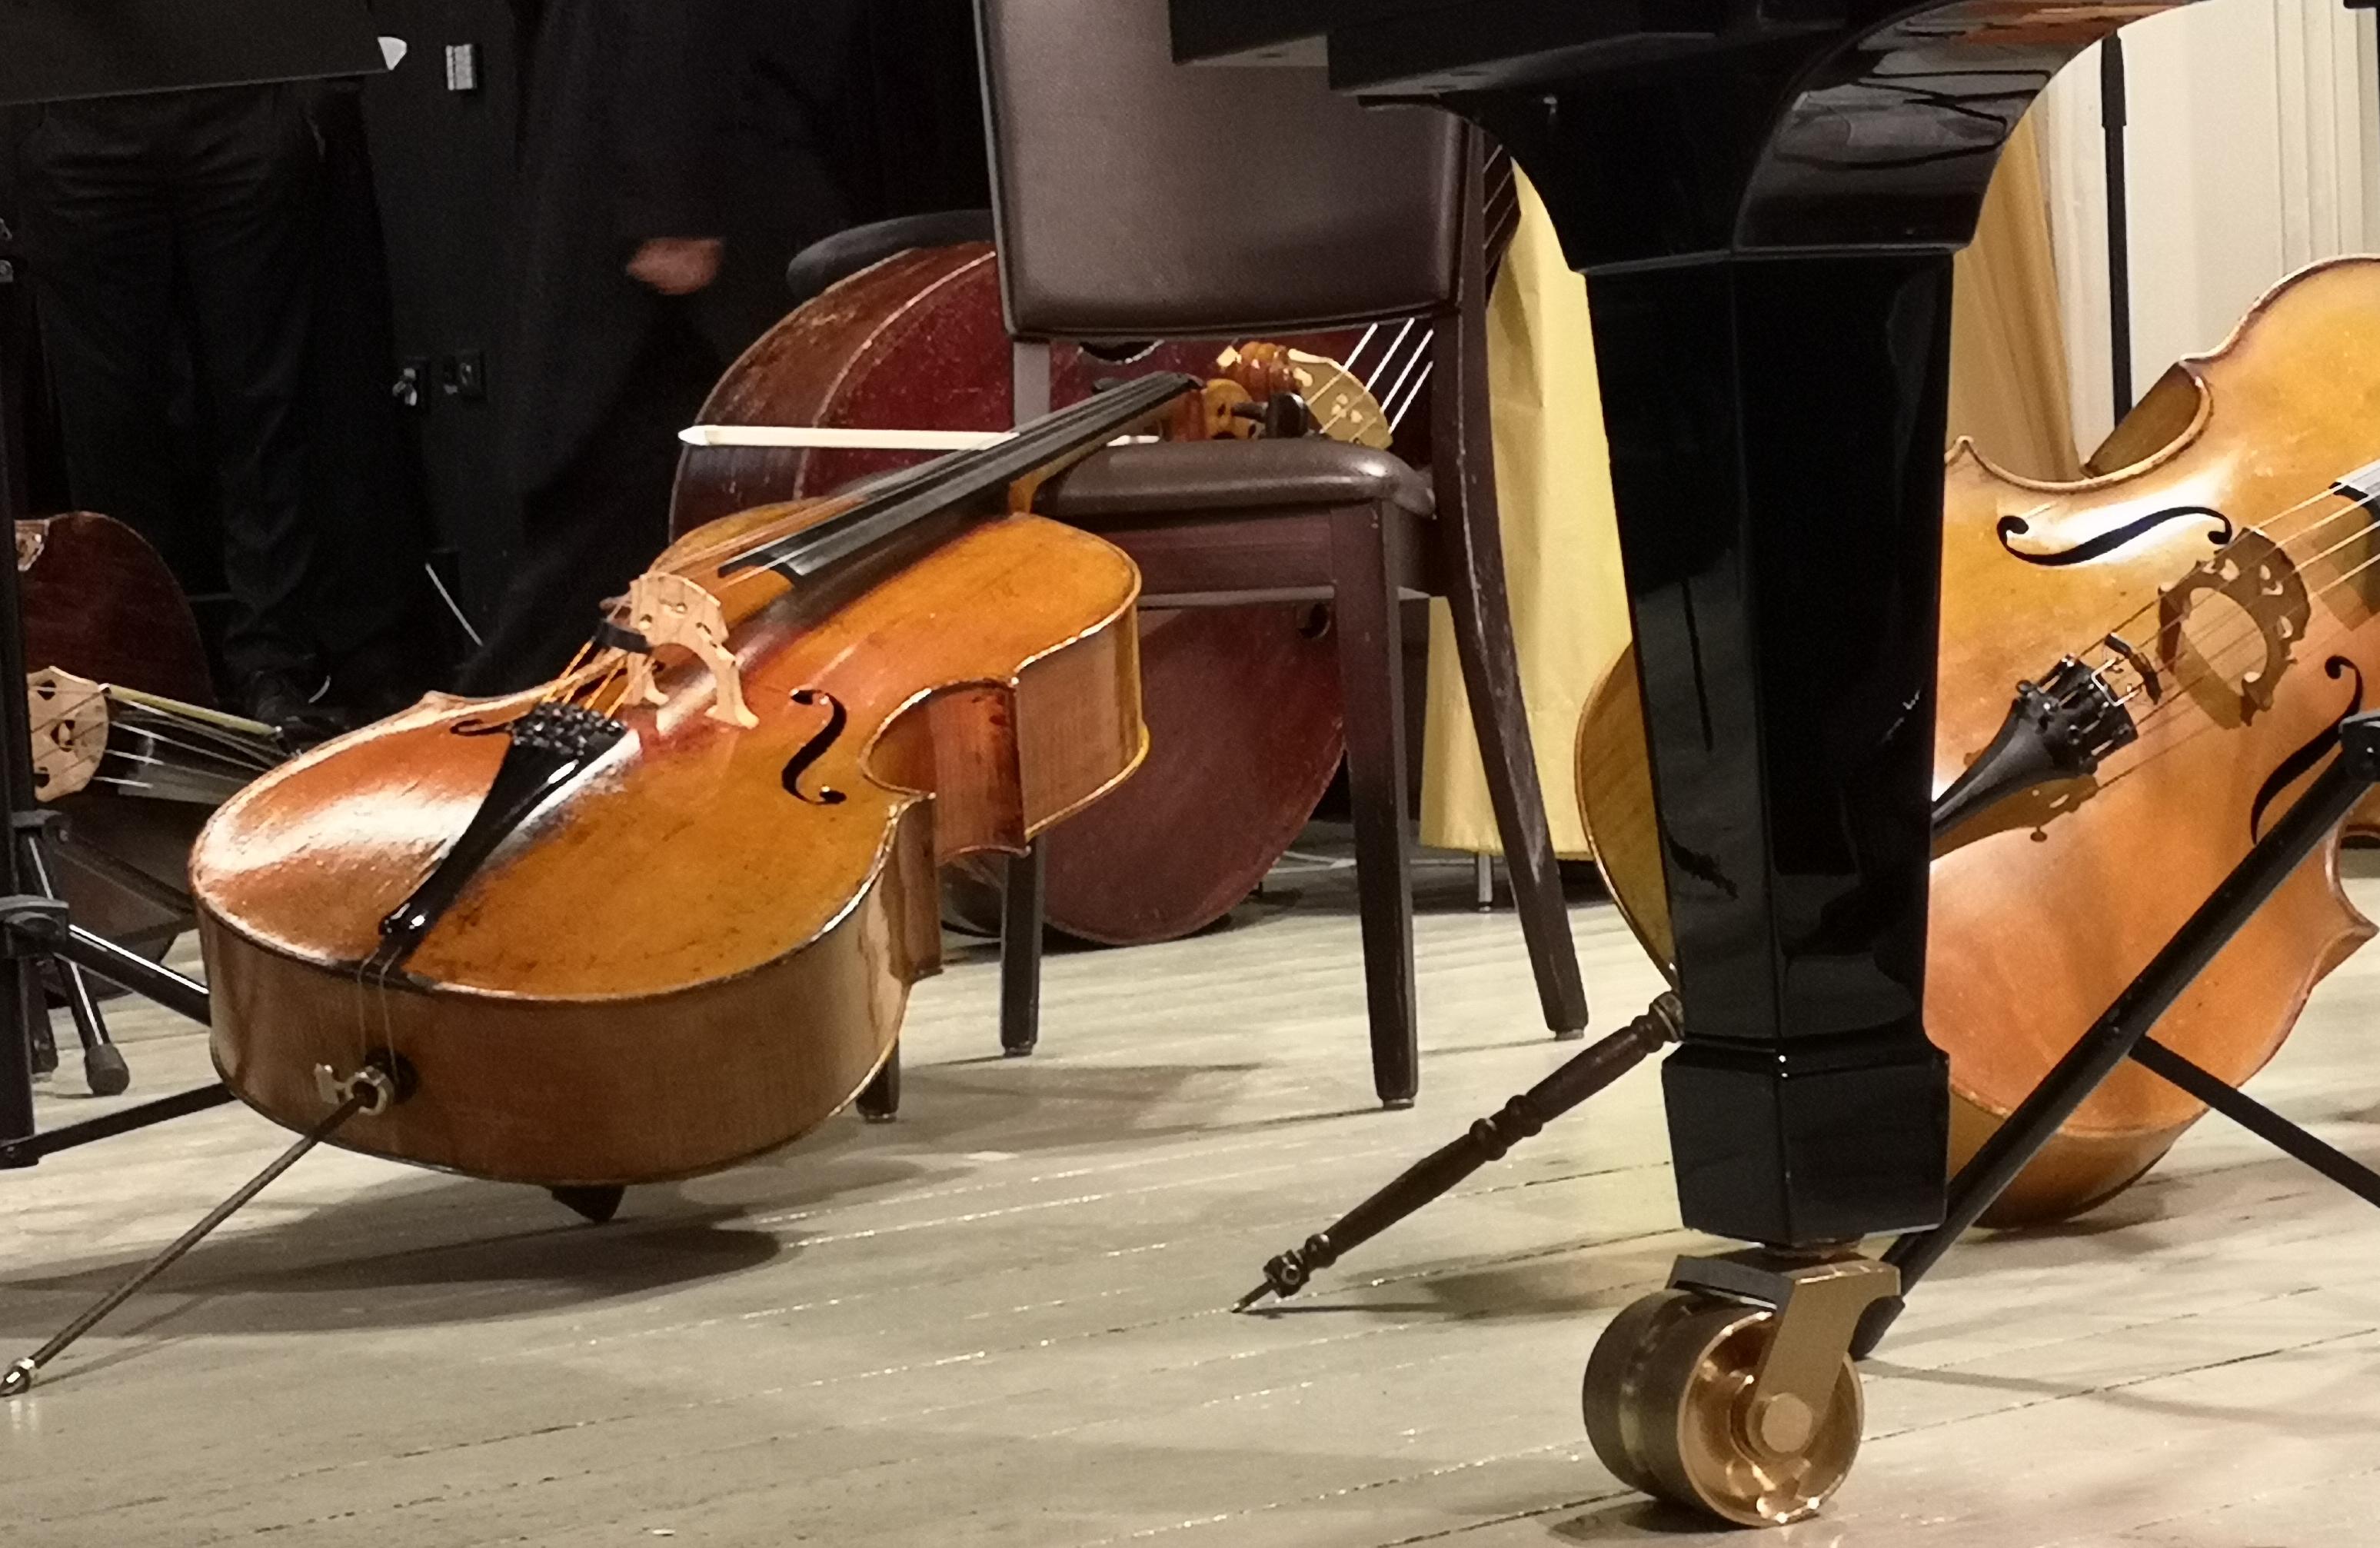 Symphonieorchester, Norderney Konzert